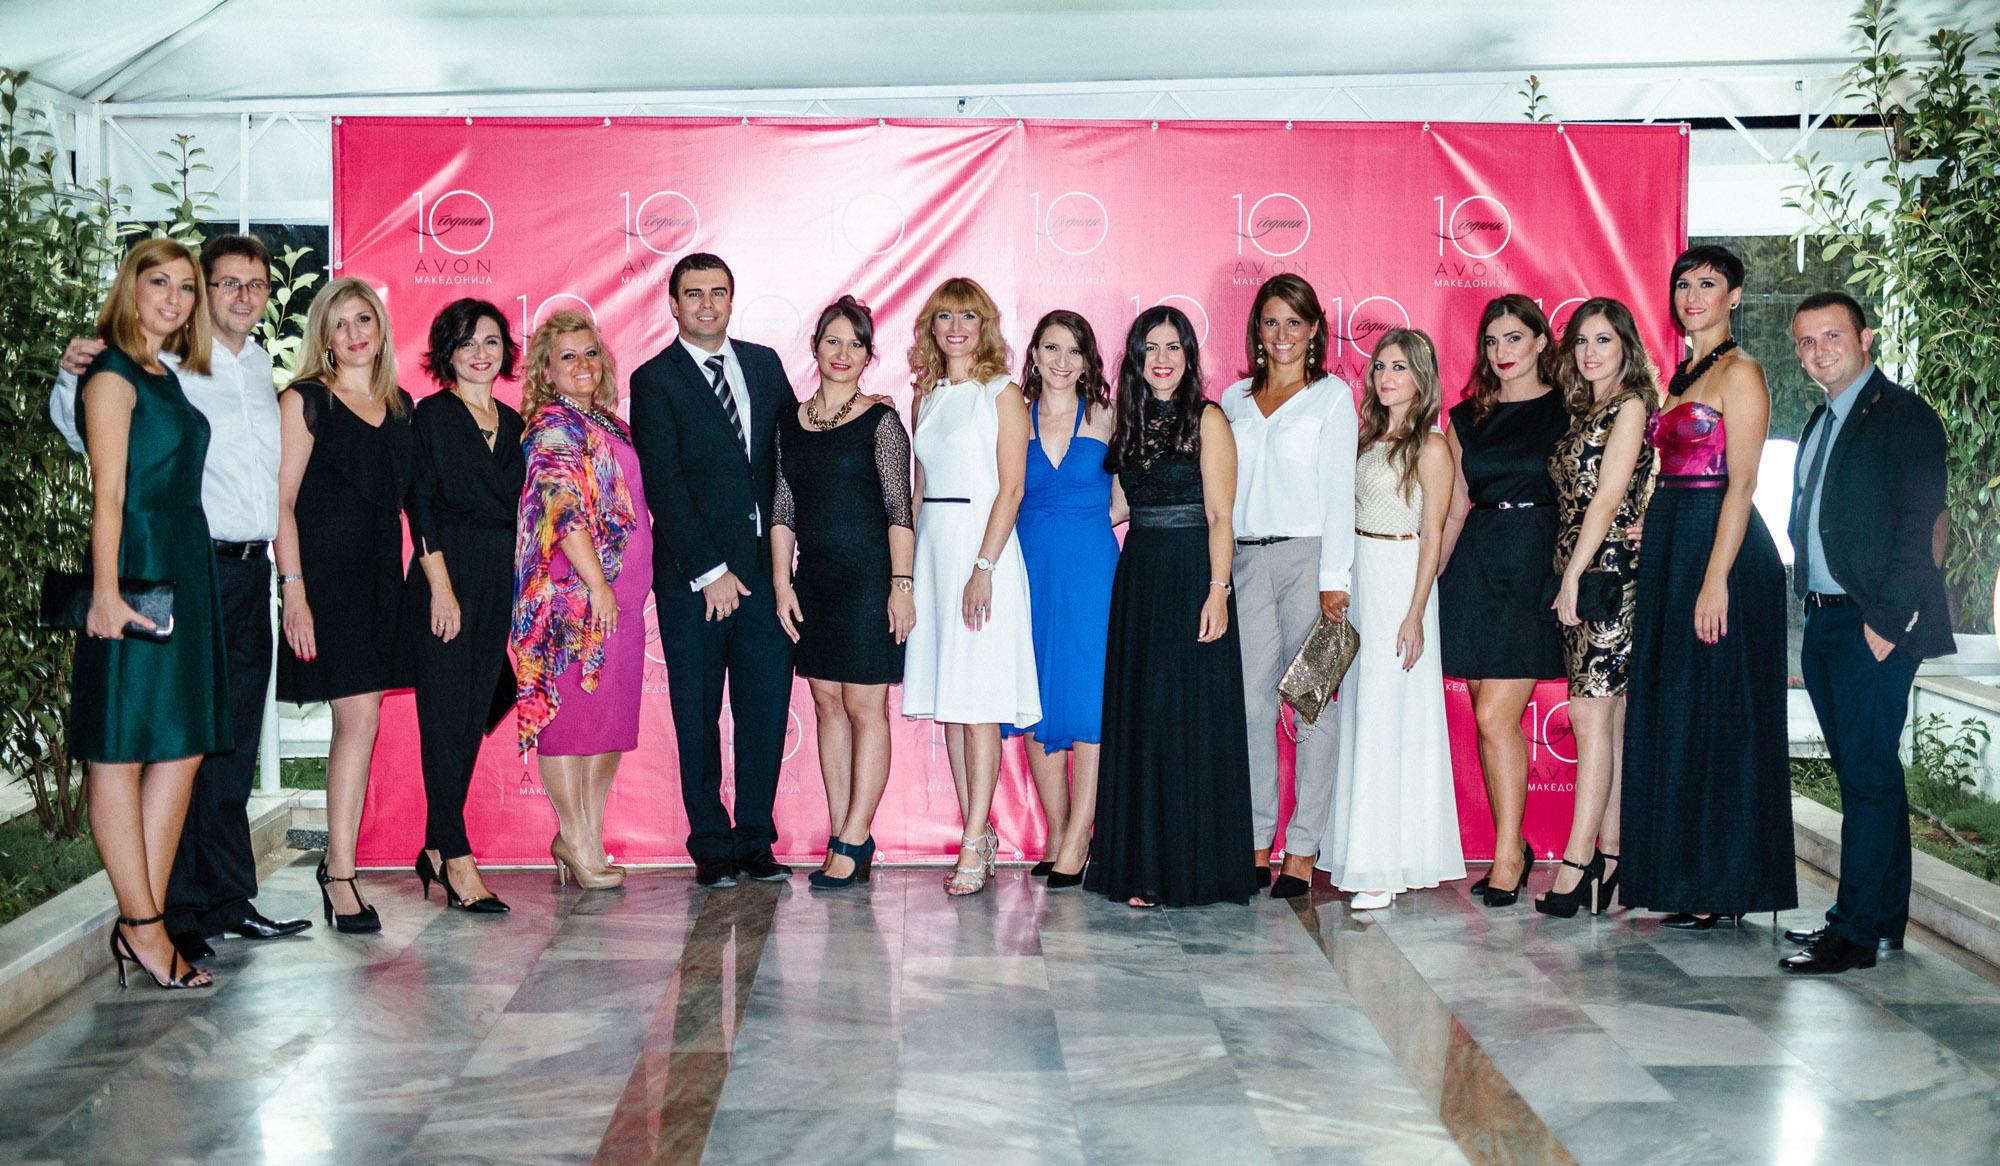 Авон Македонија прослави 10 години постоење на македонскиот пазар